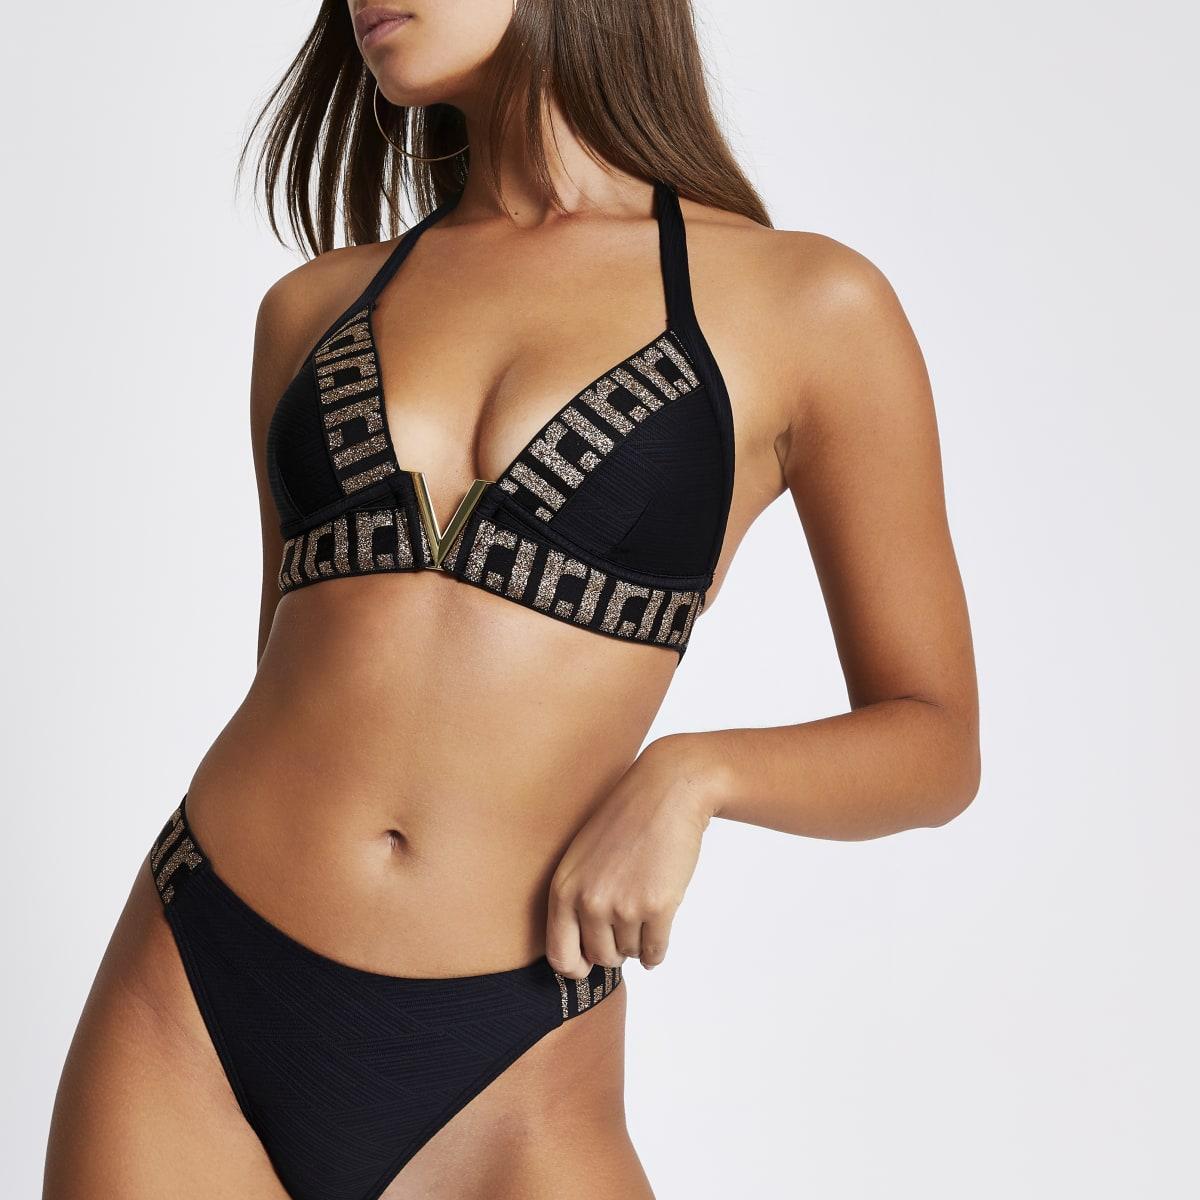 Zwarte verfraaide V-vormige bikinitop met RI-print